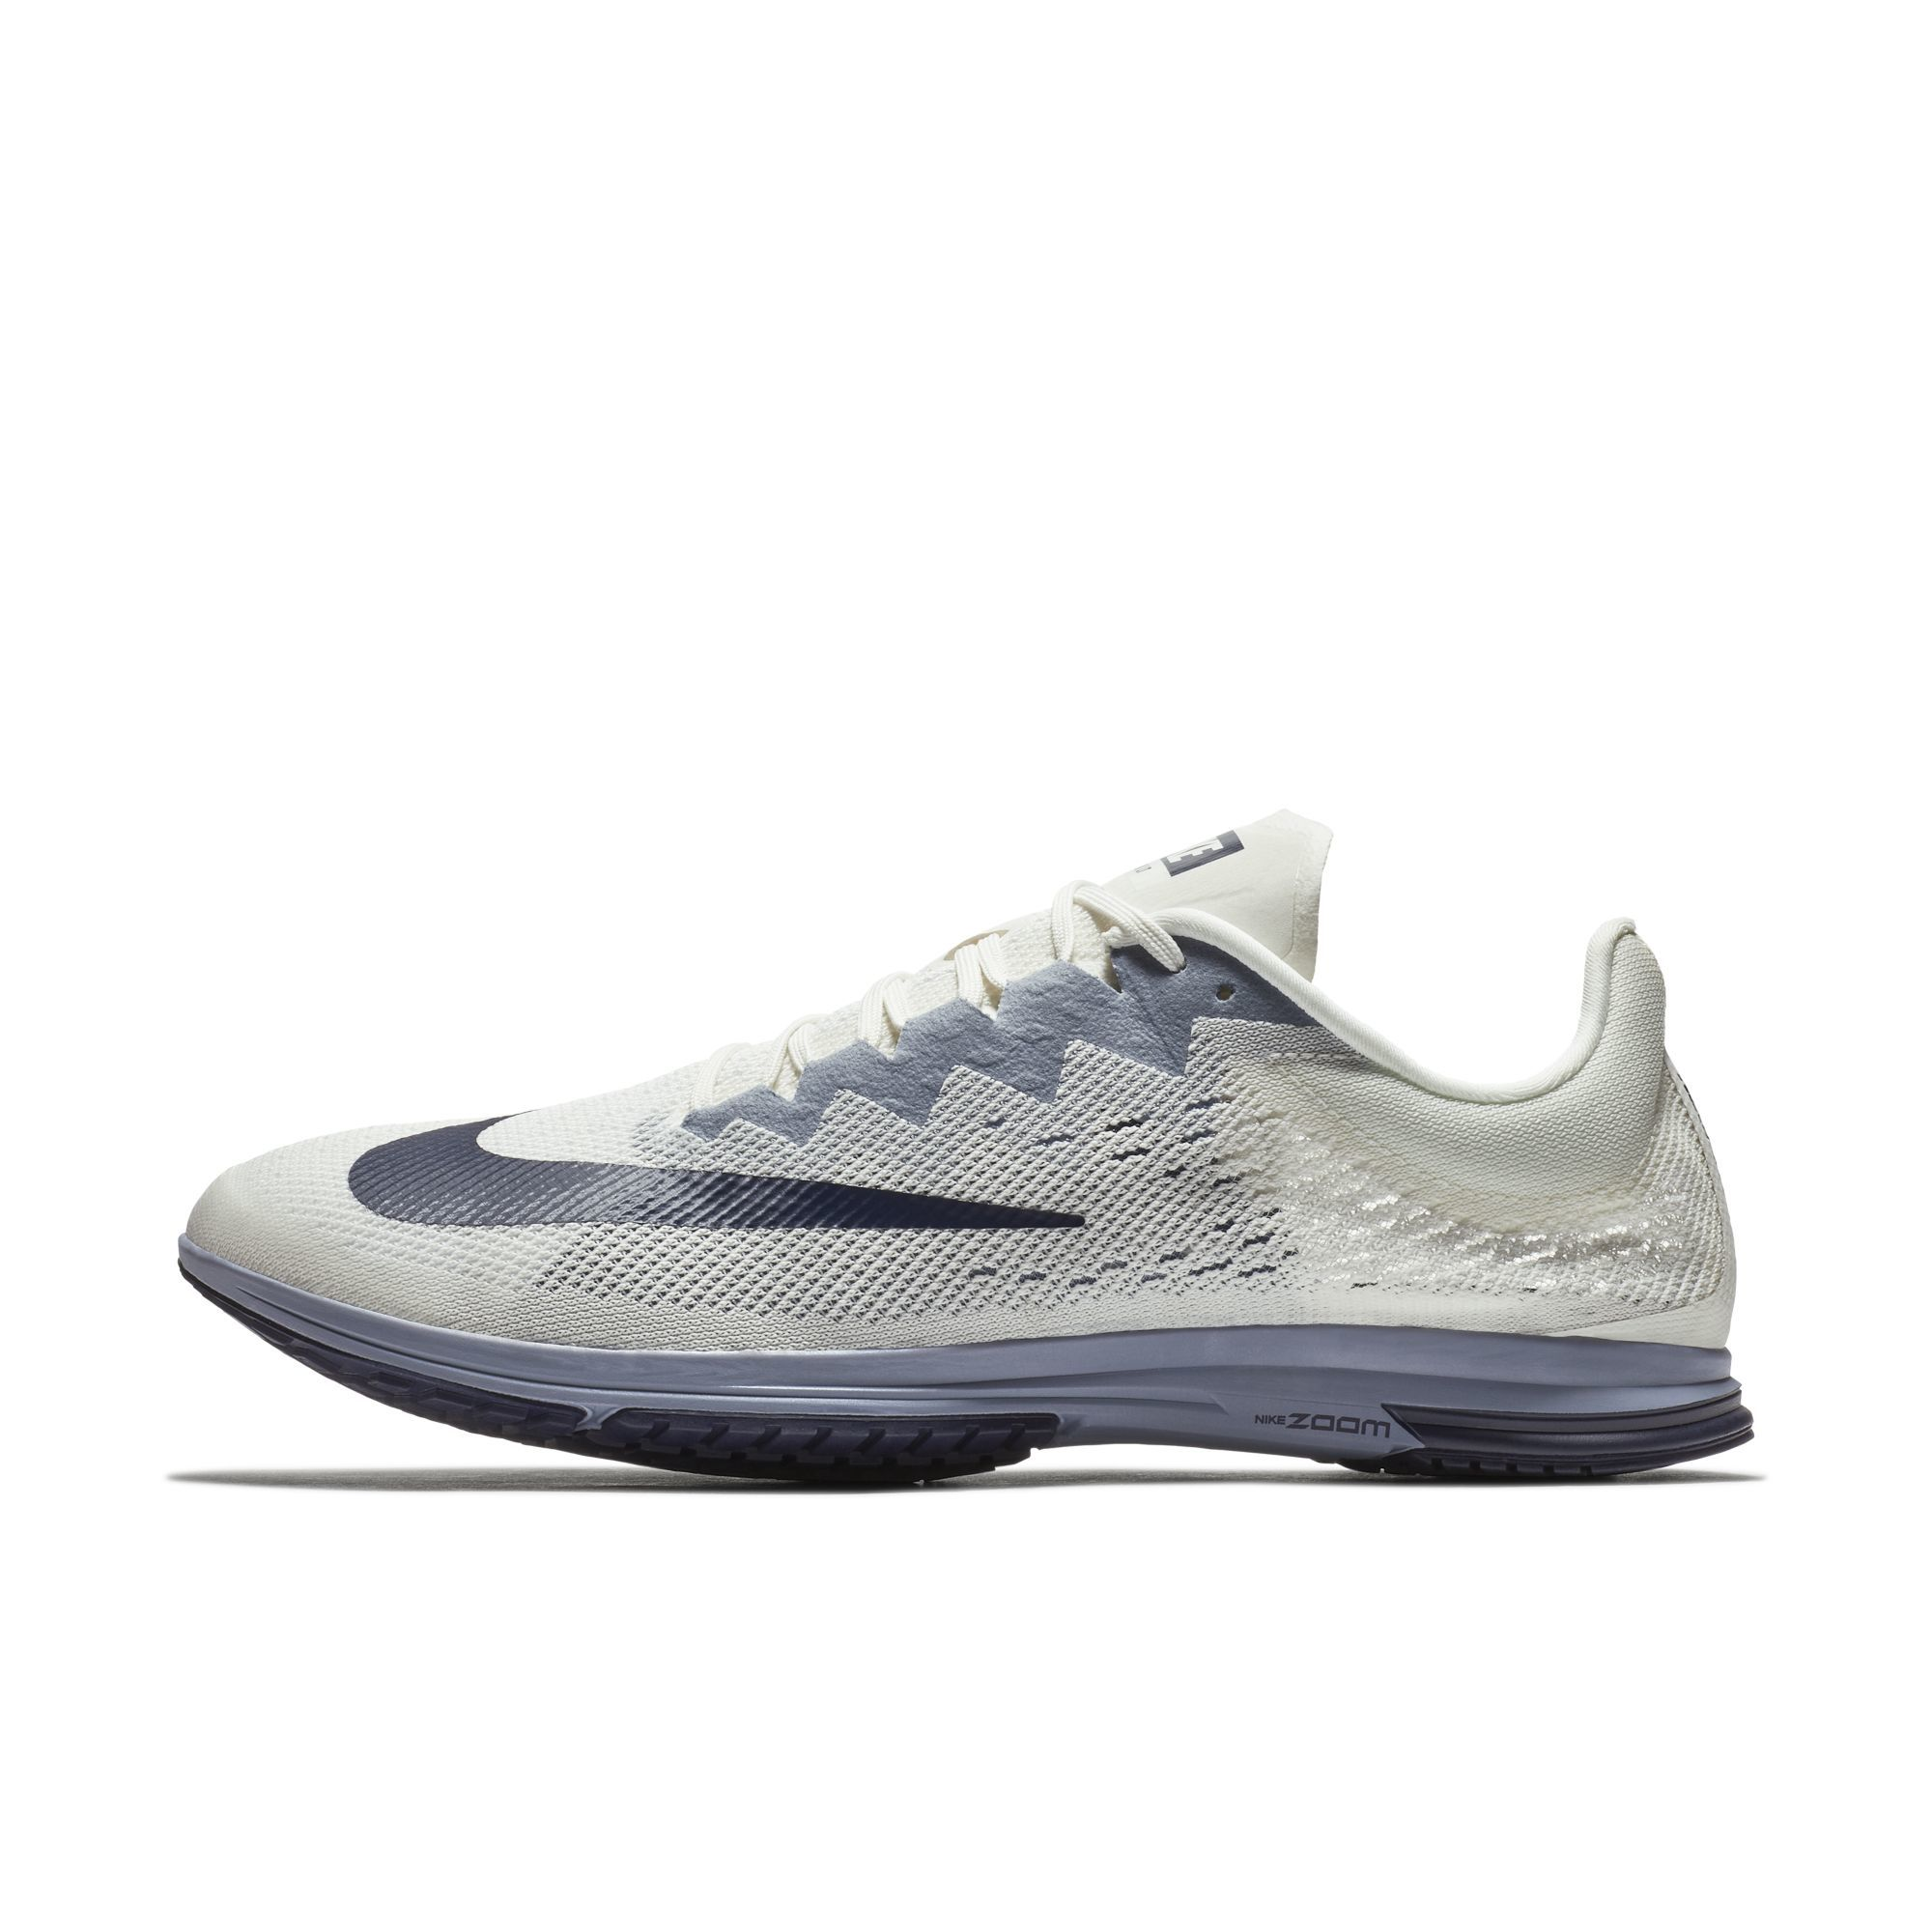 Nike Zoom Streak Lt 4 3